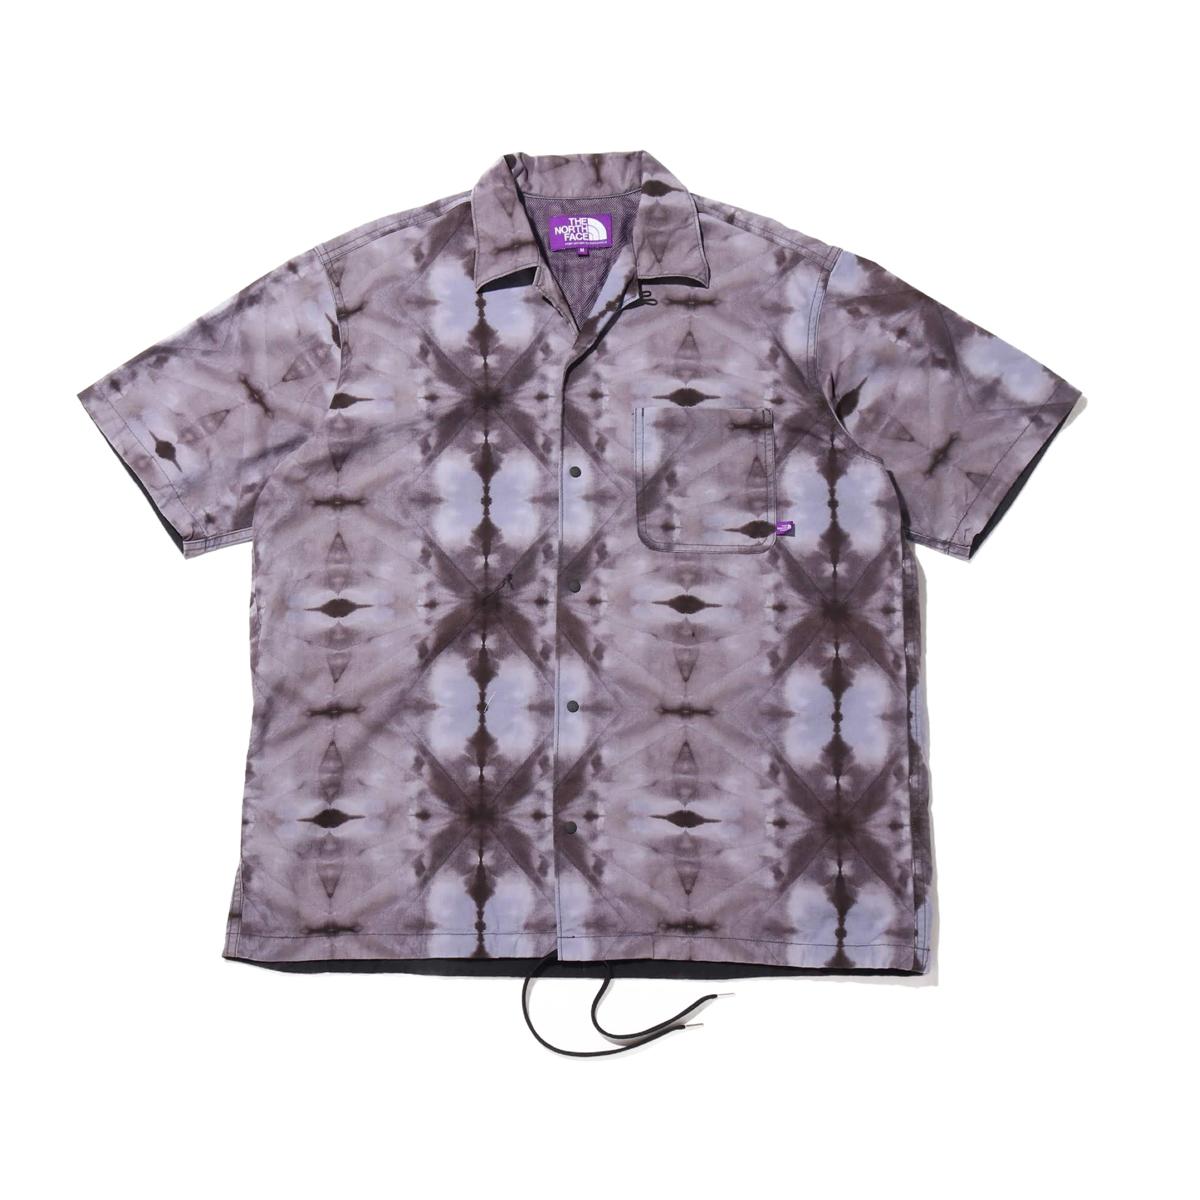 THE NORTH FACE PURPLE LABEL Tie Dye Print H/S Shirt(PURPLE)(ザ・ノース・フェイス パープルレーベル タイダイプリントハーフスリーブシャツ)【メンズ】【半袖シャツ】【20SS-I】